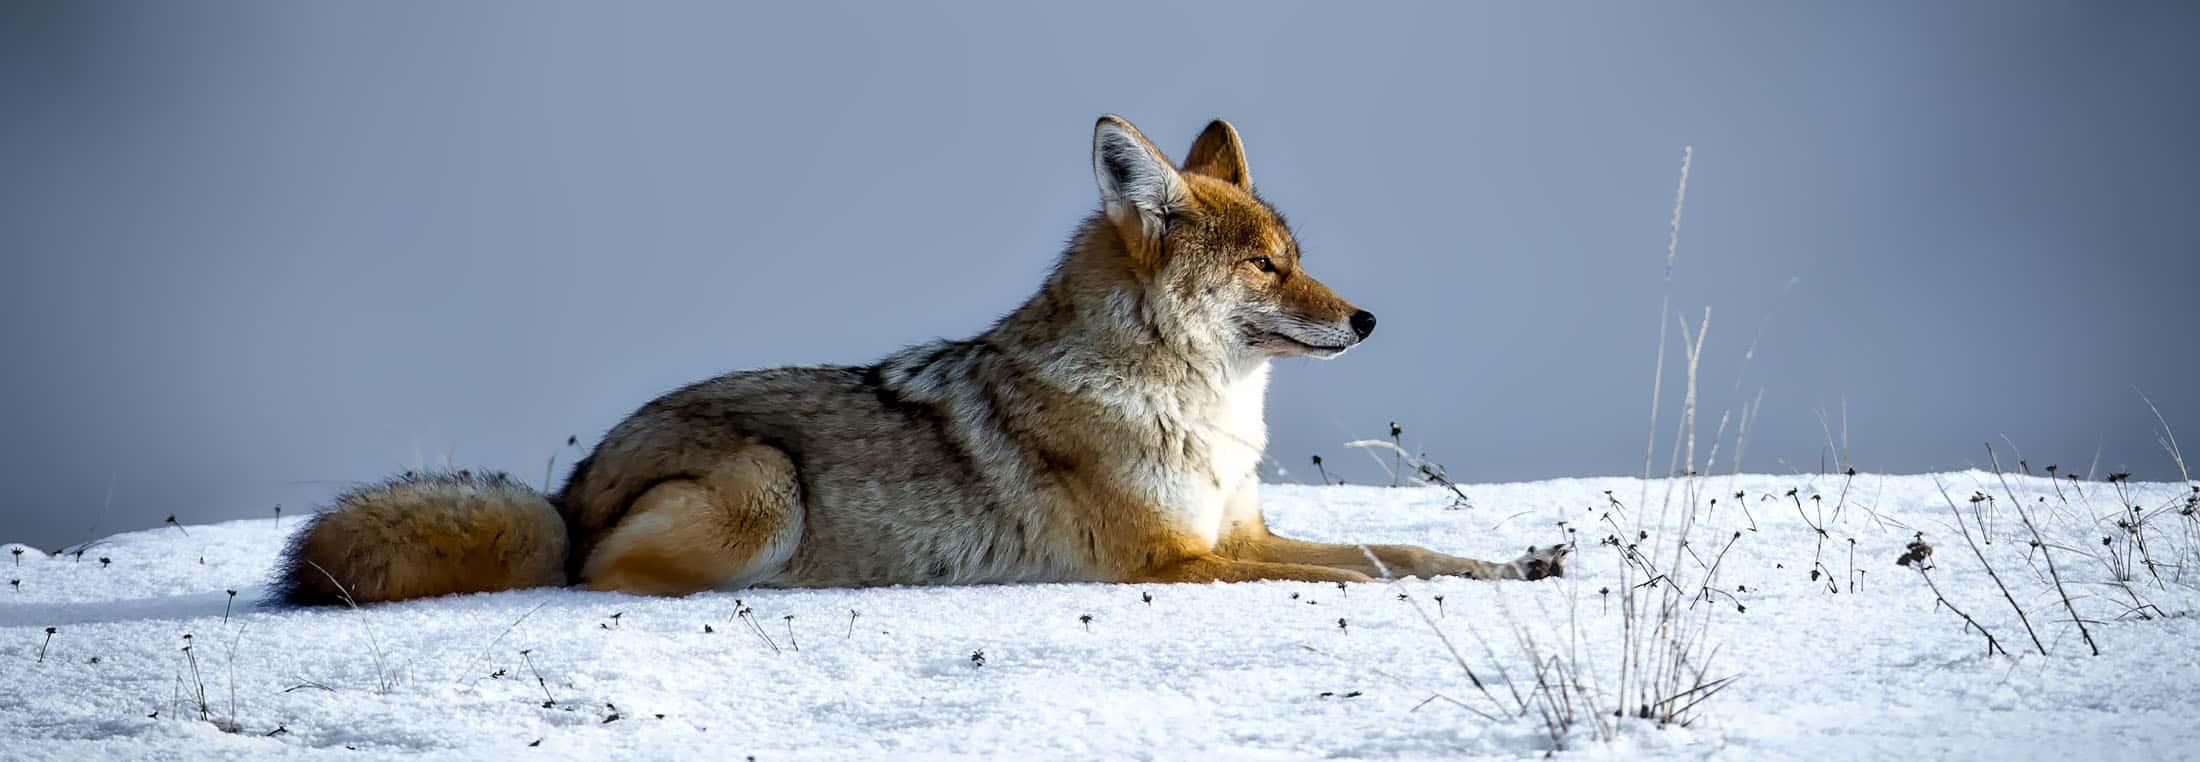 coyote-2--1730060